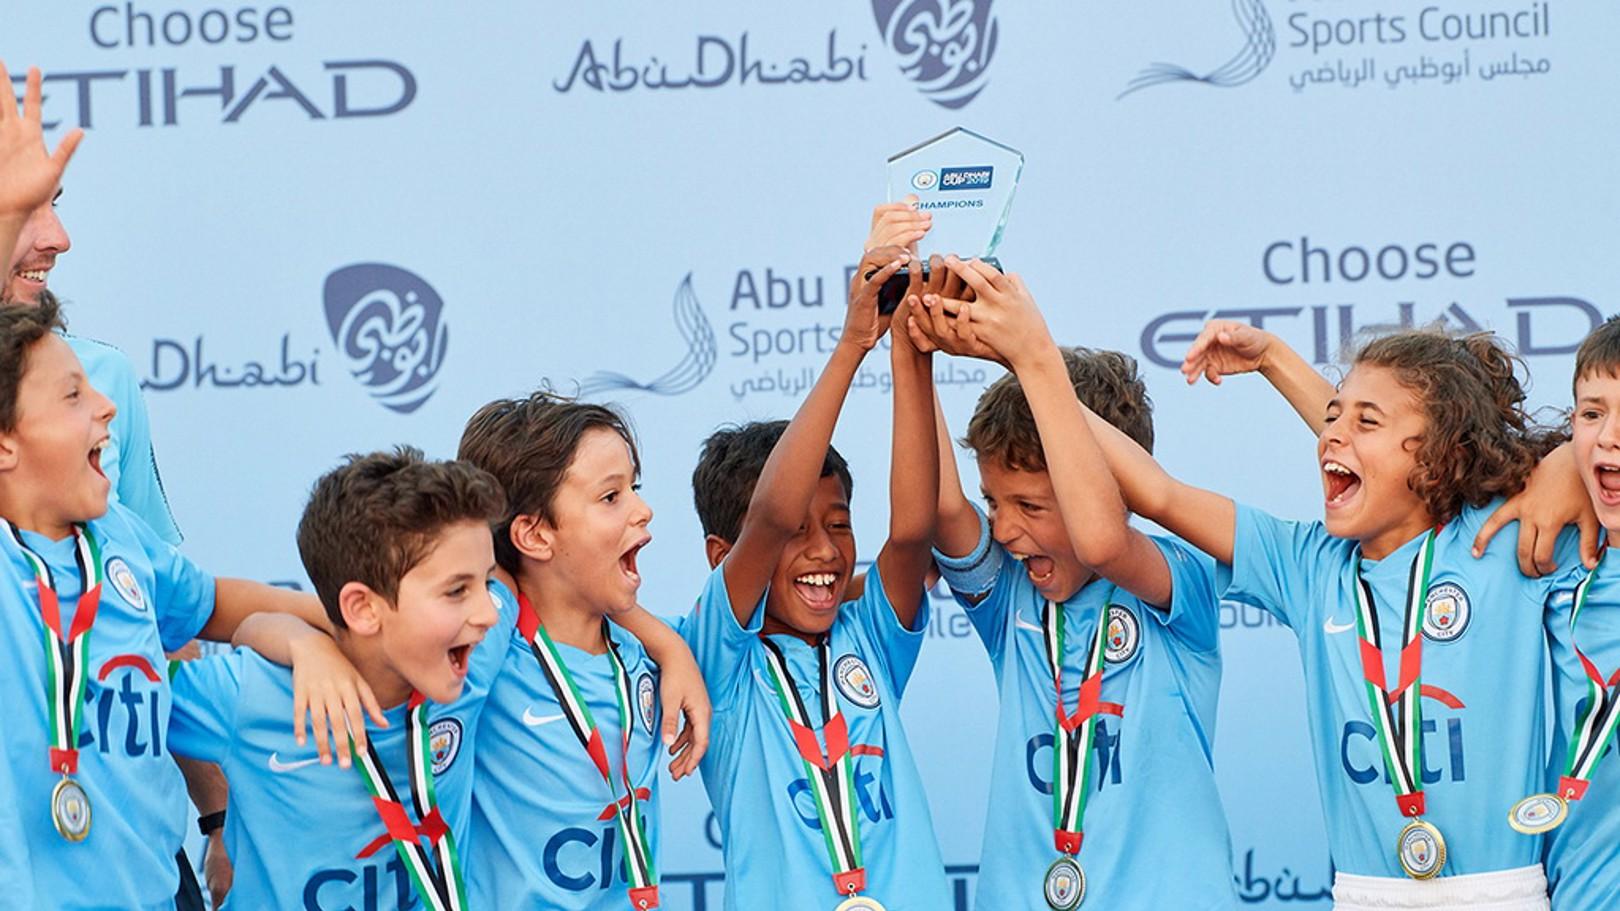 فريق الشارقة يفوز بالجائزة الكبرى لكأس أبوظبي 2019